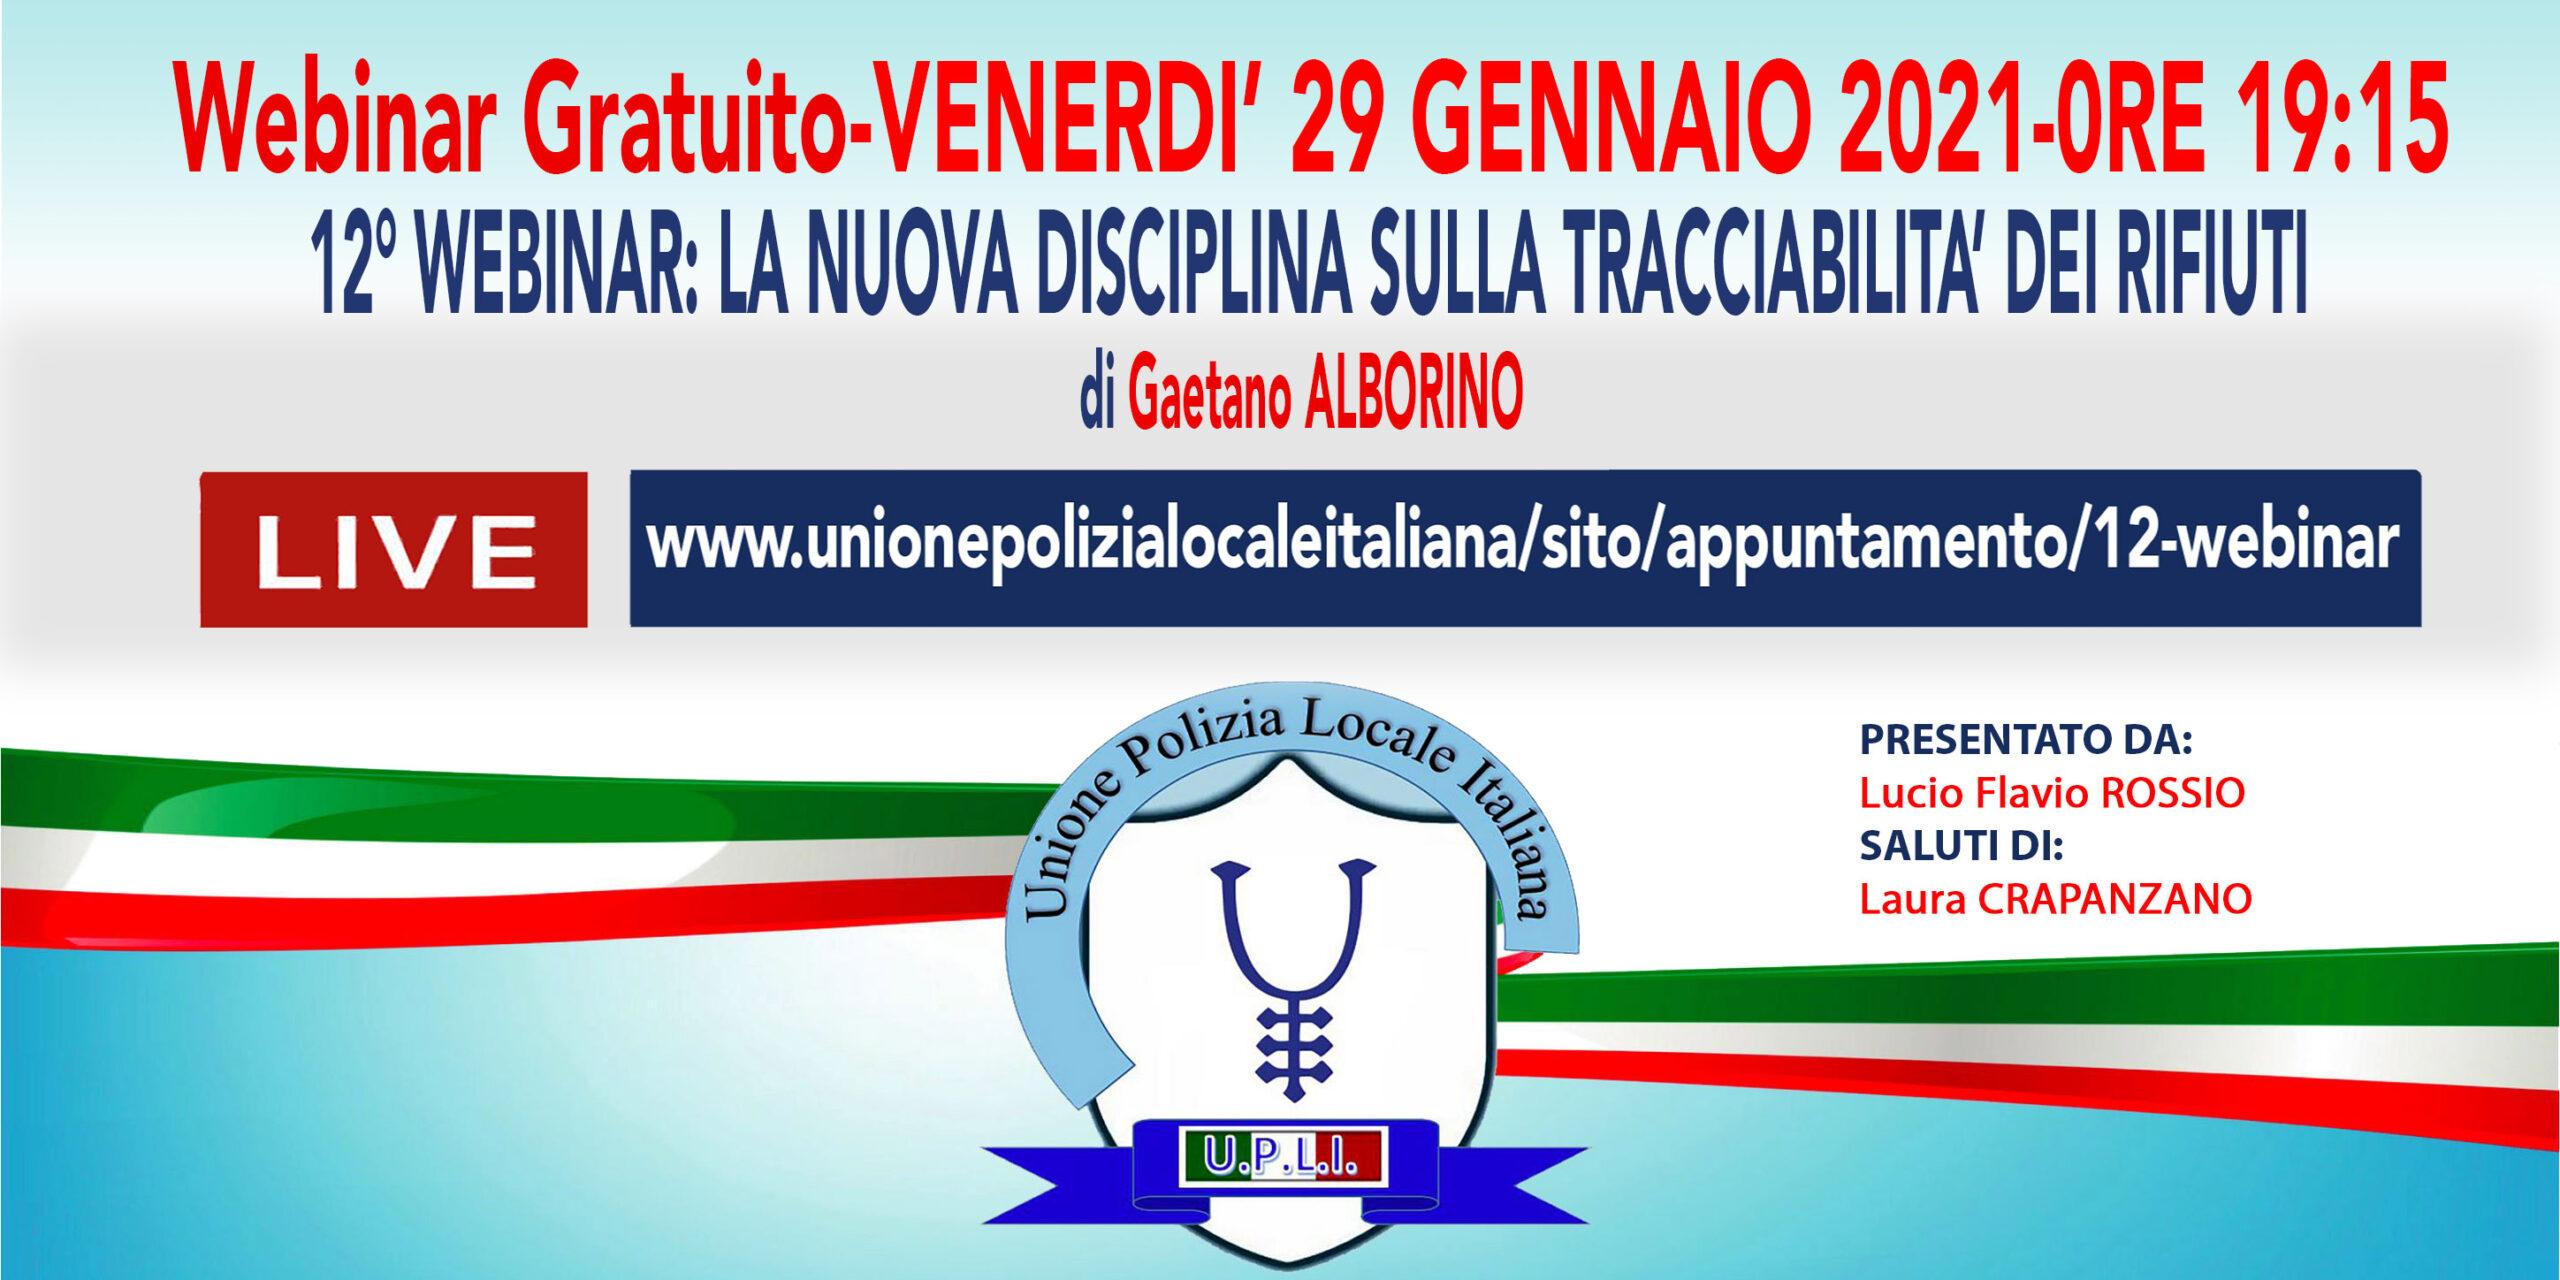 12 WEBINAR UPLI: LA NUOVA DISCIPLINA SULLA TRACCIABILITA' DEI RIFIUTI di G.Alborino